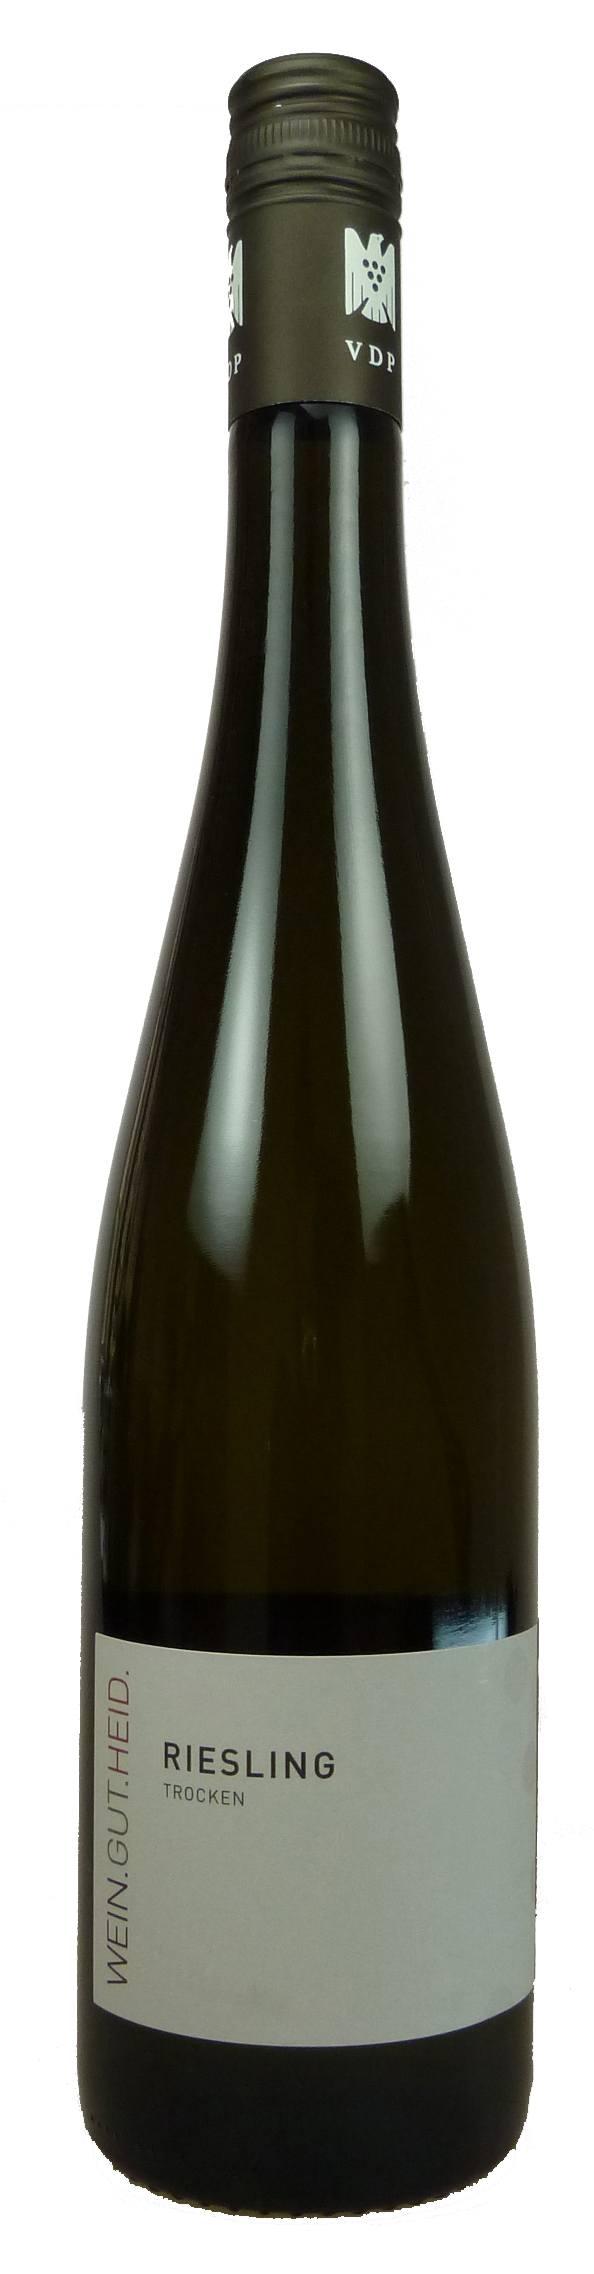 Riesling Qualitätswein trocken 2016